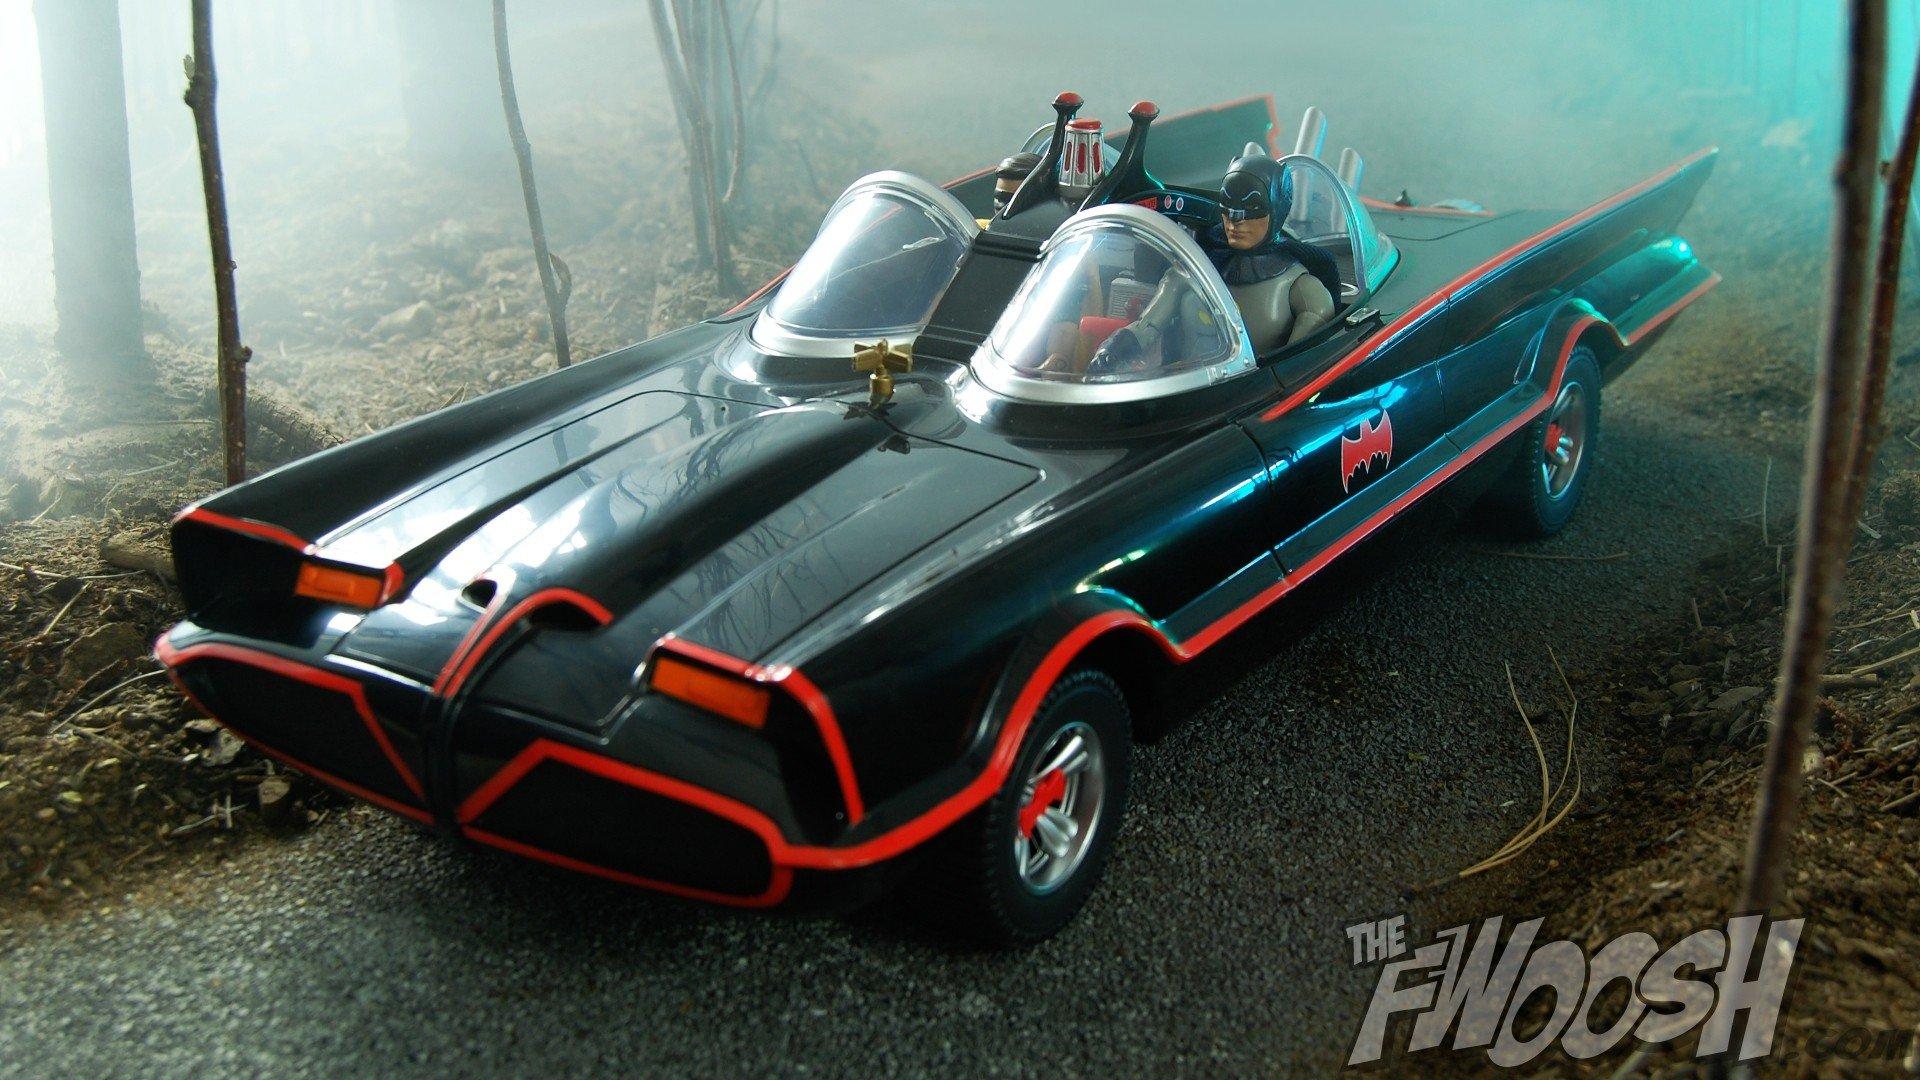 Pictures batman batmobile car 1600x900 hd wallpaper jootix wallpapers 1920x1080